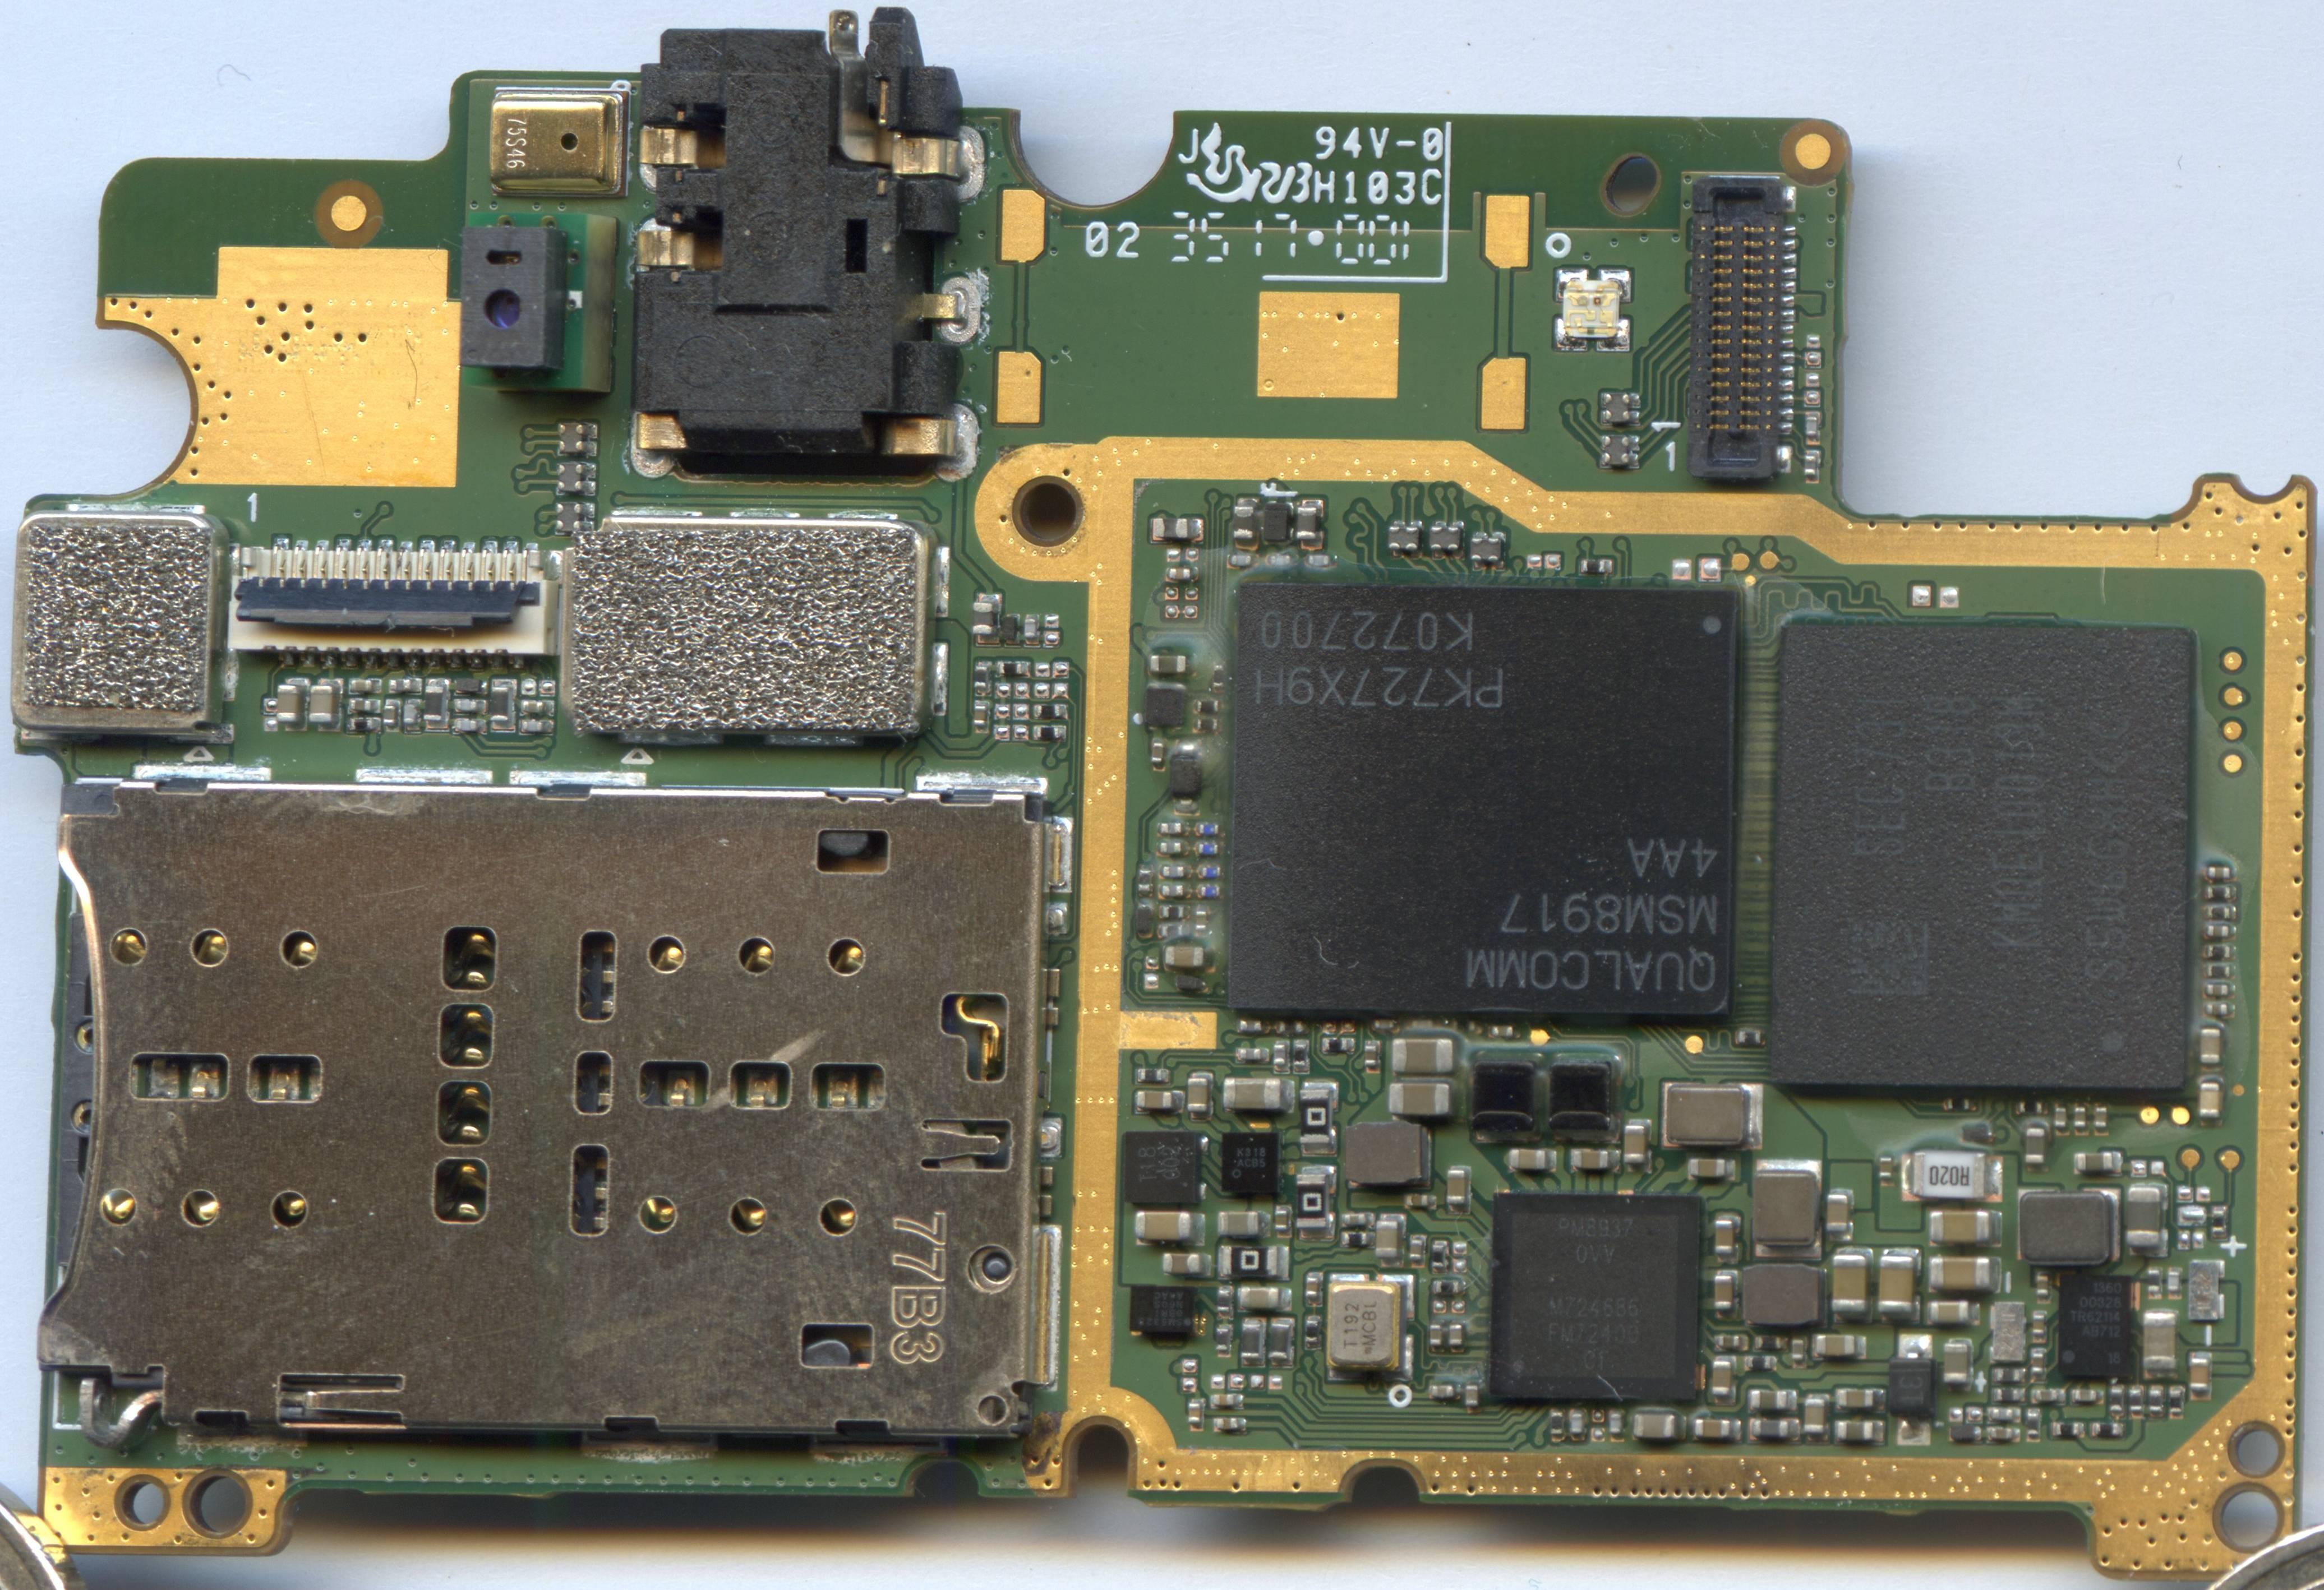 Inteligentny Huawei P9 Lite Mini Dual SIM - Po zalaniu nie działa Wi-Fi i Aparat KK39